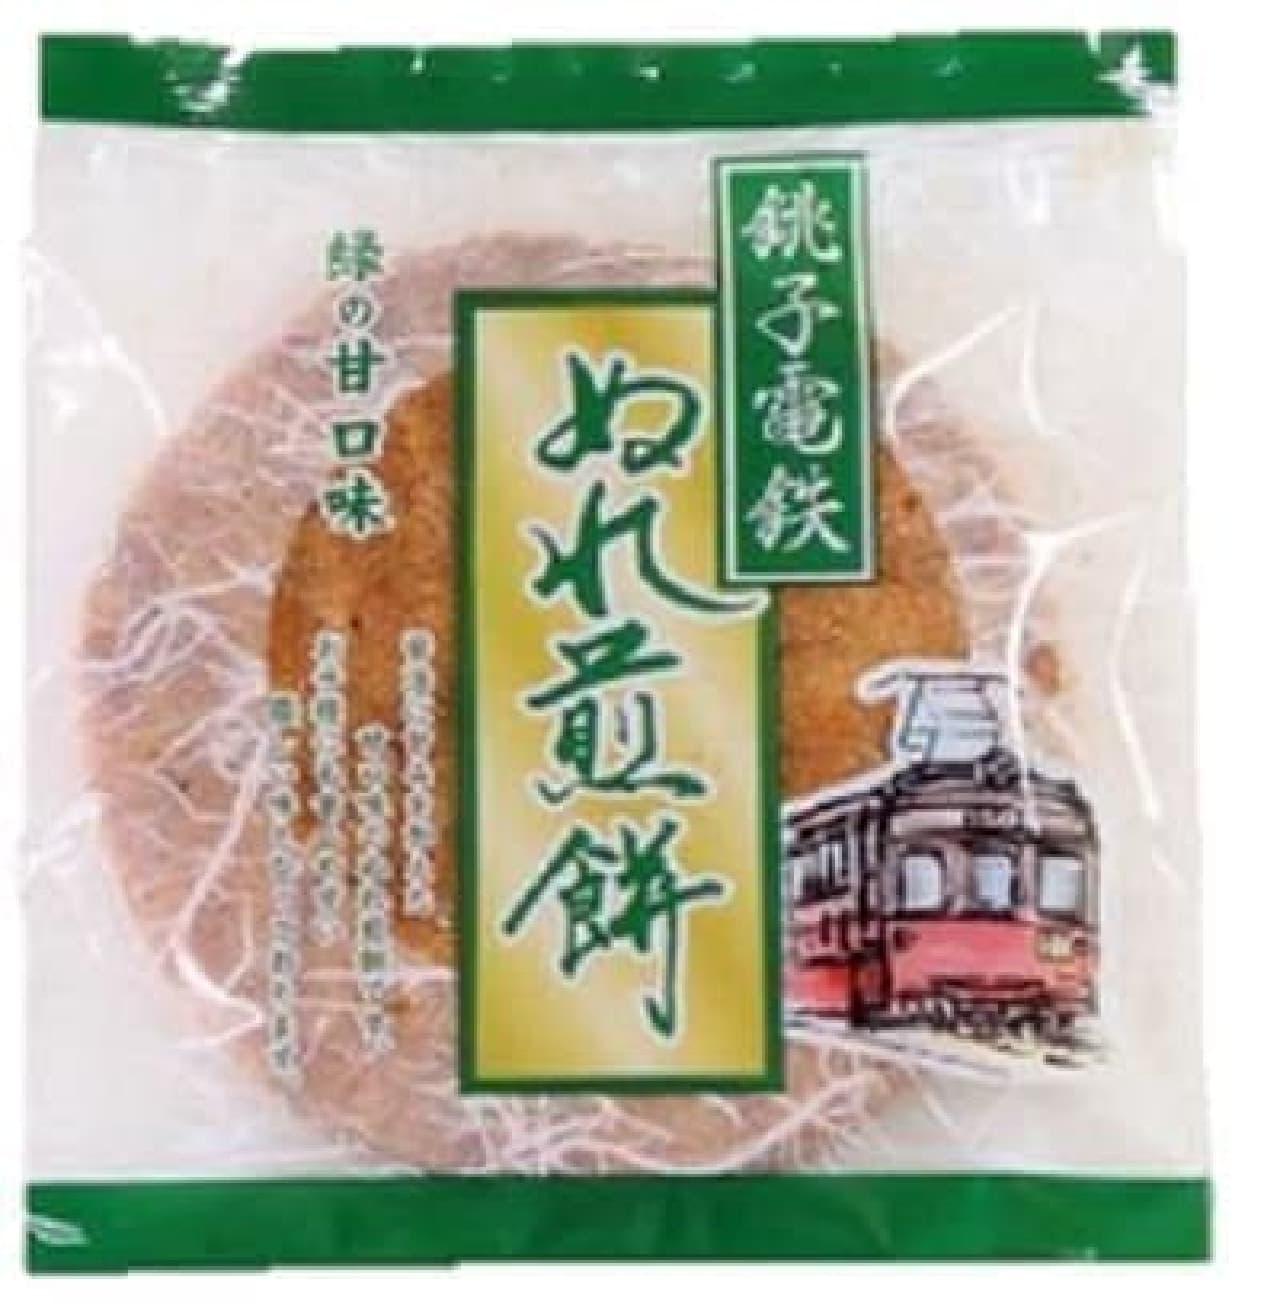 銚子電気鉄道の「ぬれ煎餅 緑の甘口味」